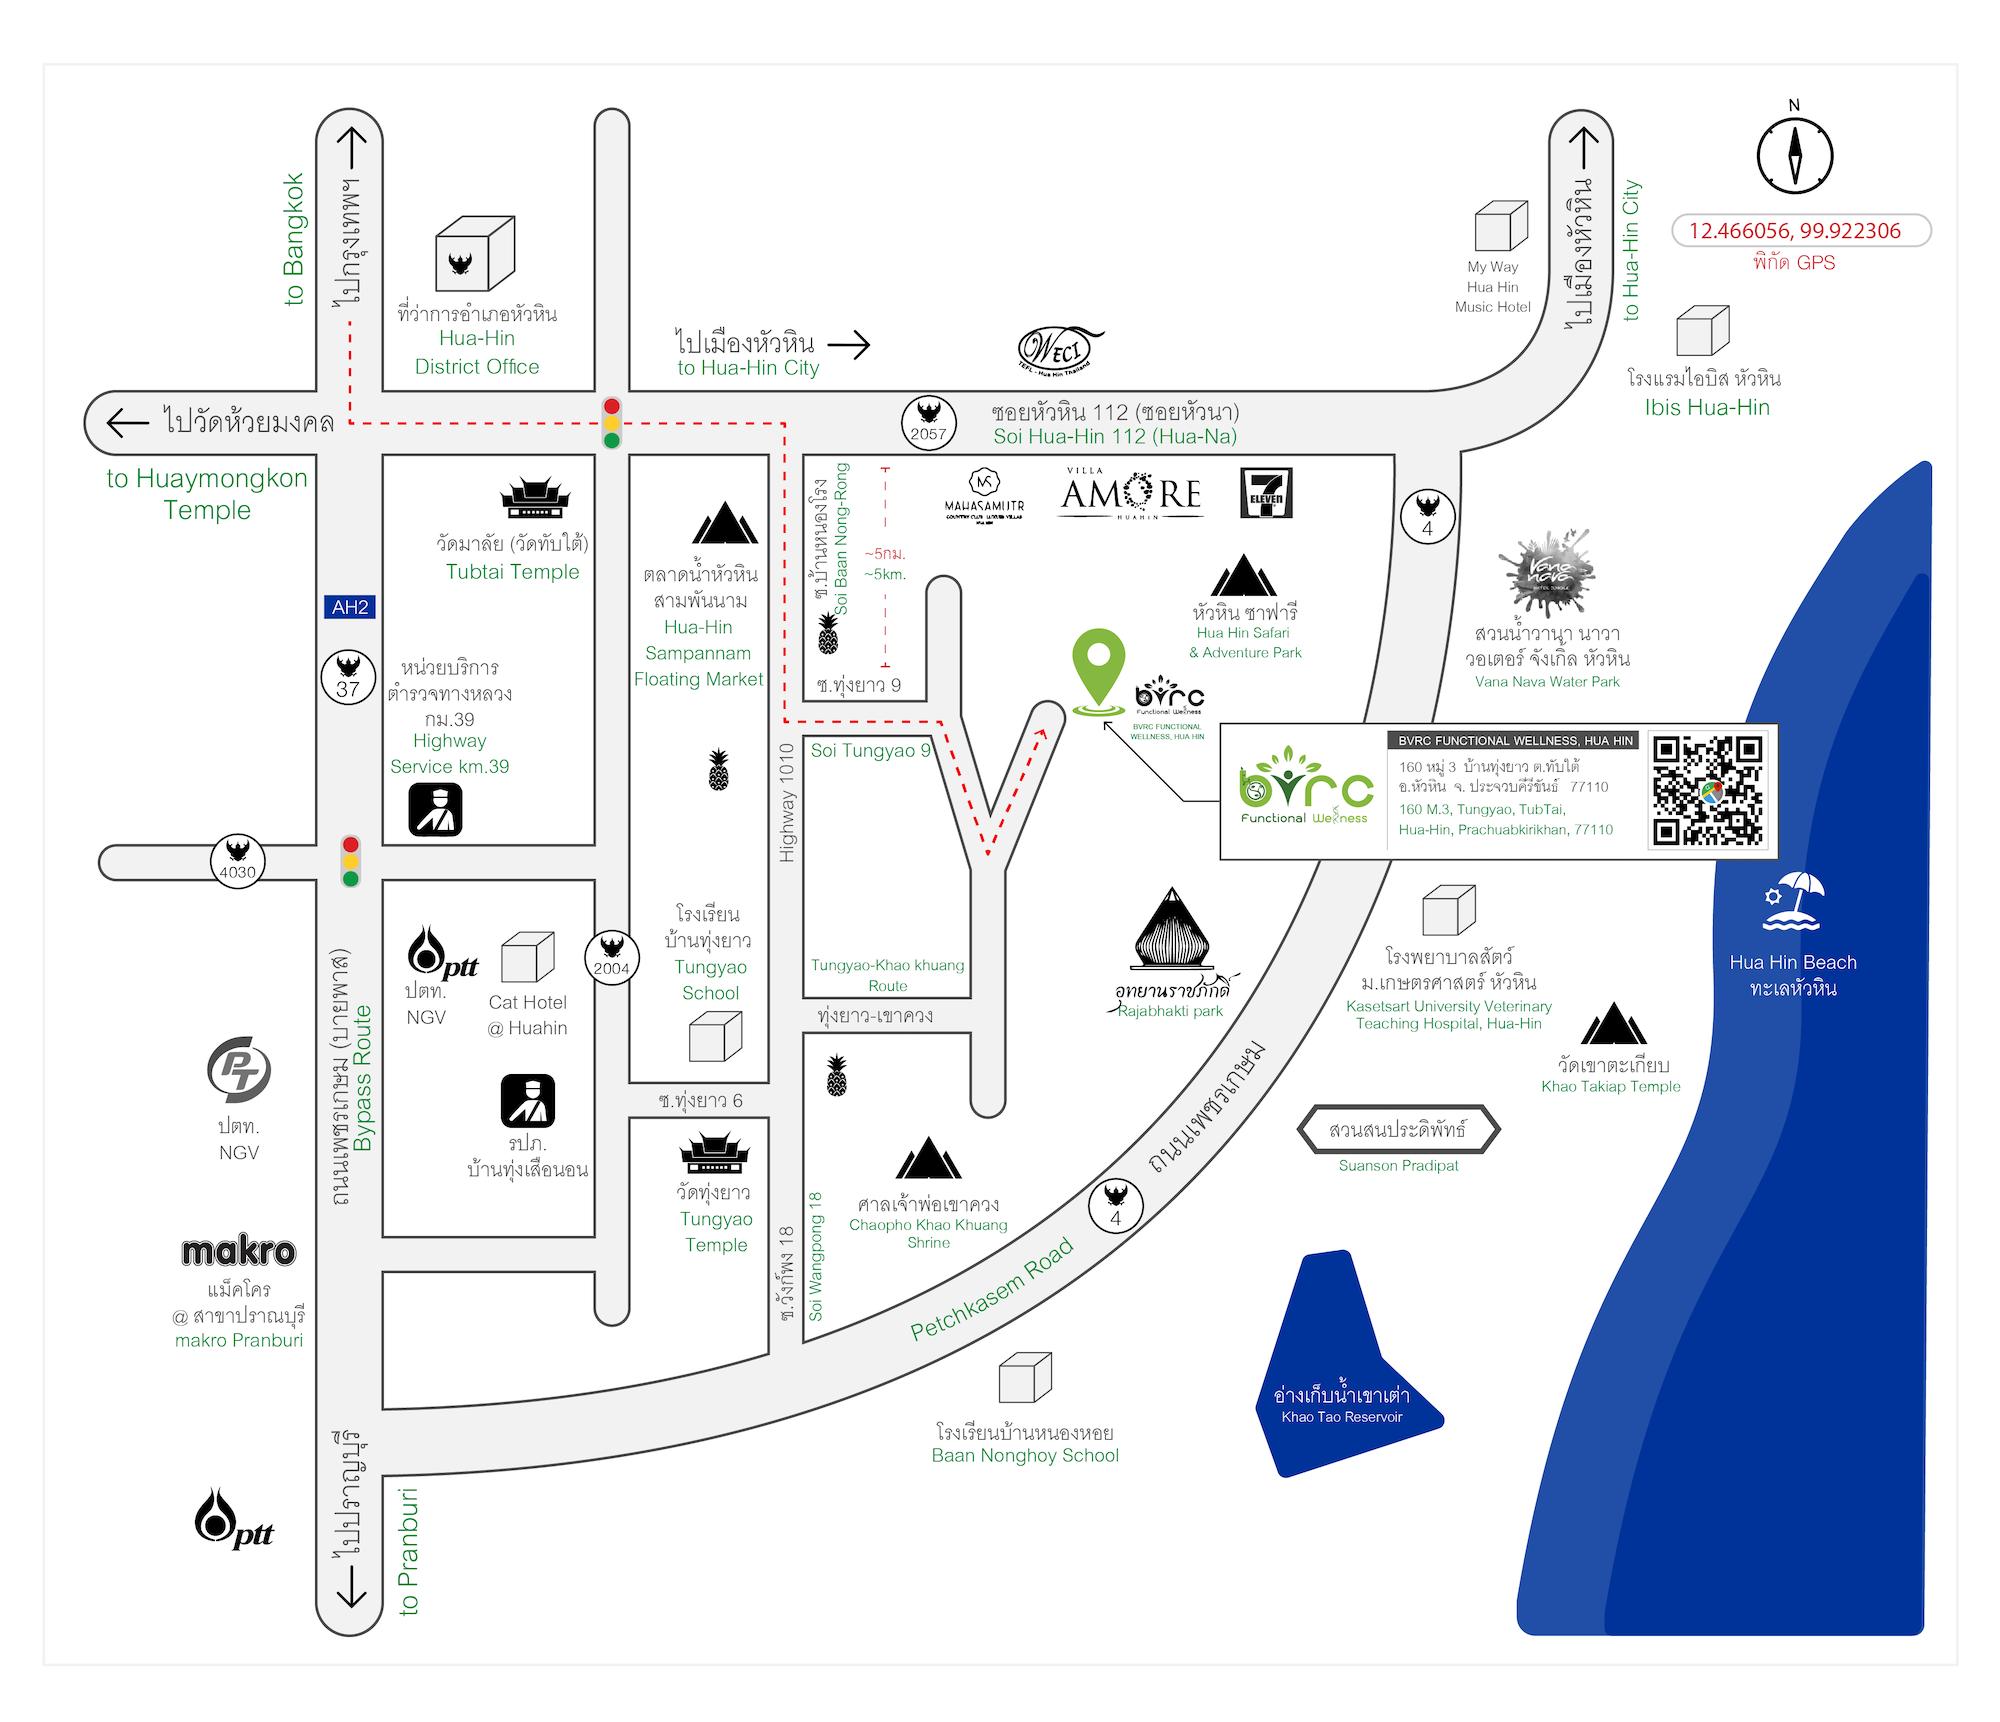 BVRC map